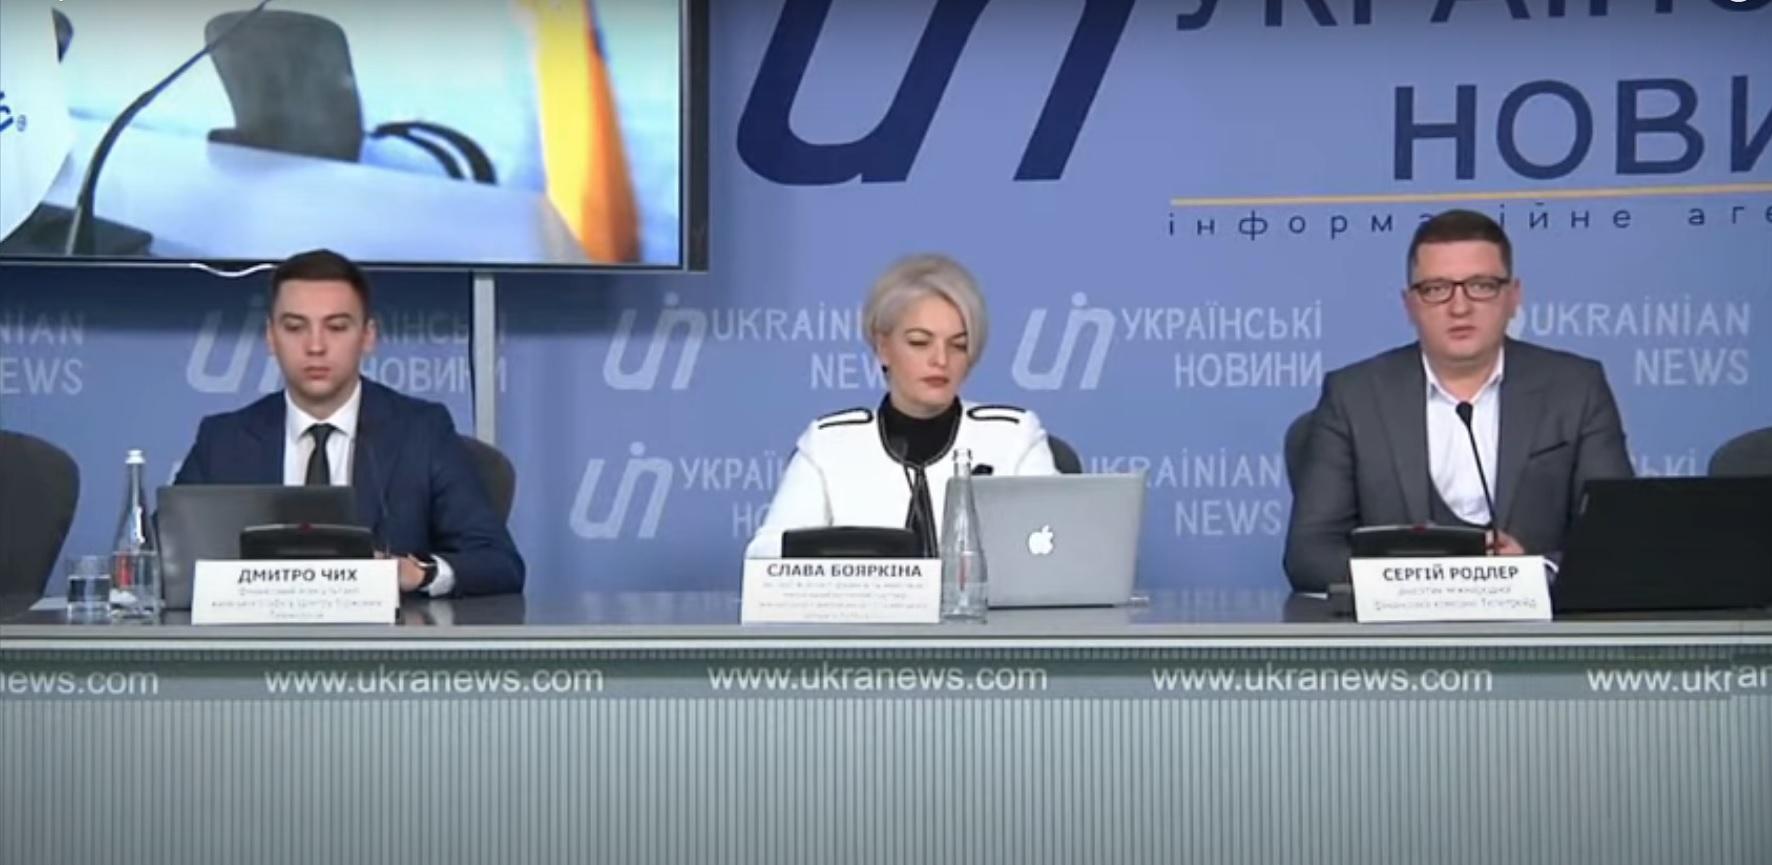 """У доллара есть все шансы на снижение! Пресс-конференция ЦБТ в """"Украинских новостях""""  - фото 1"""